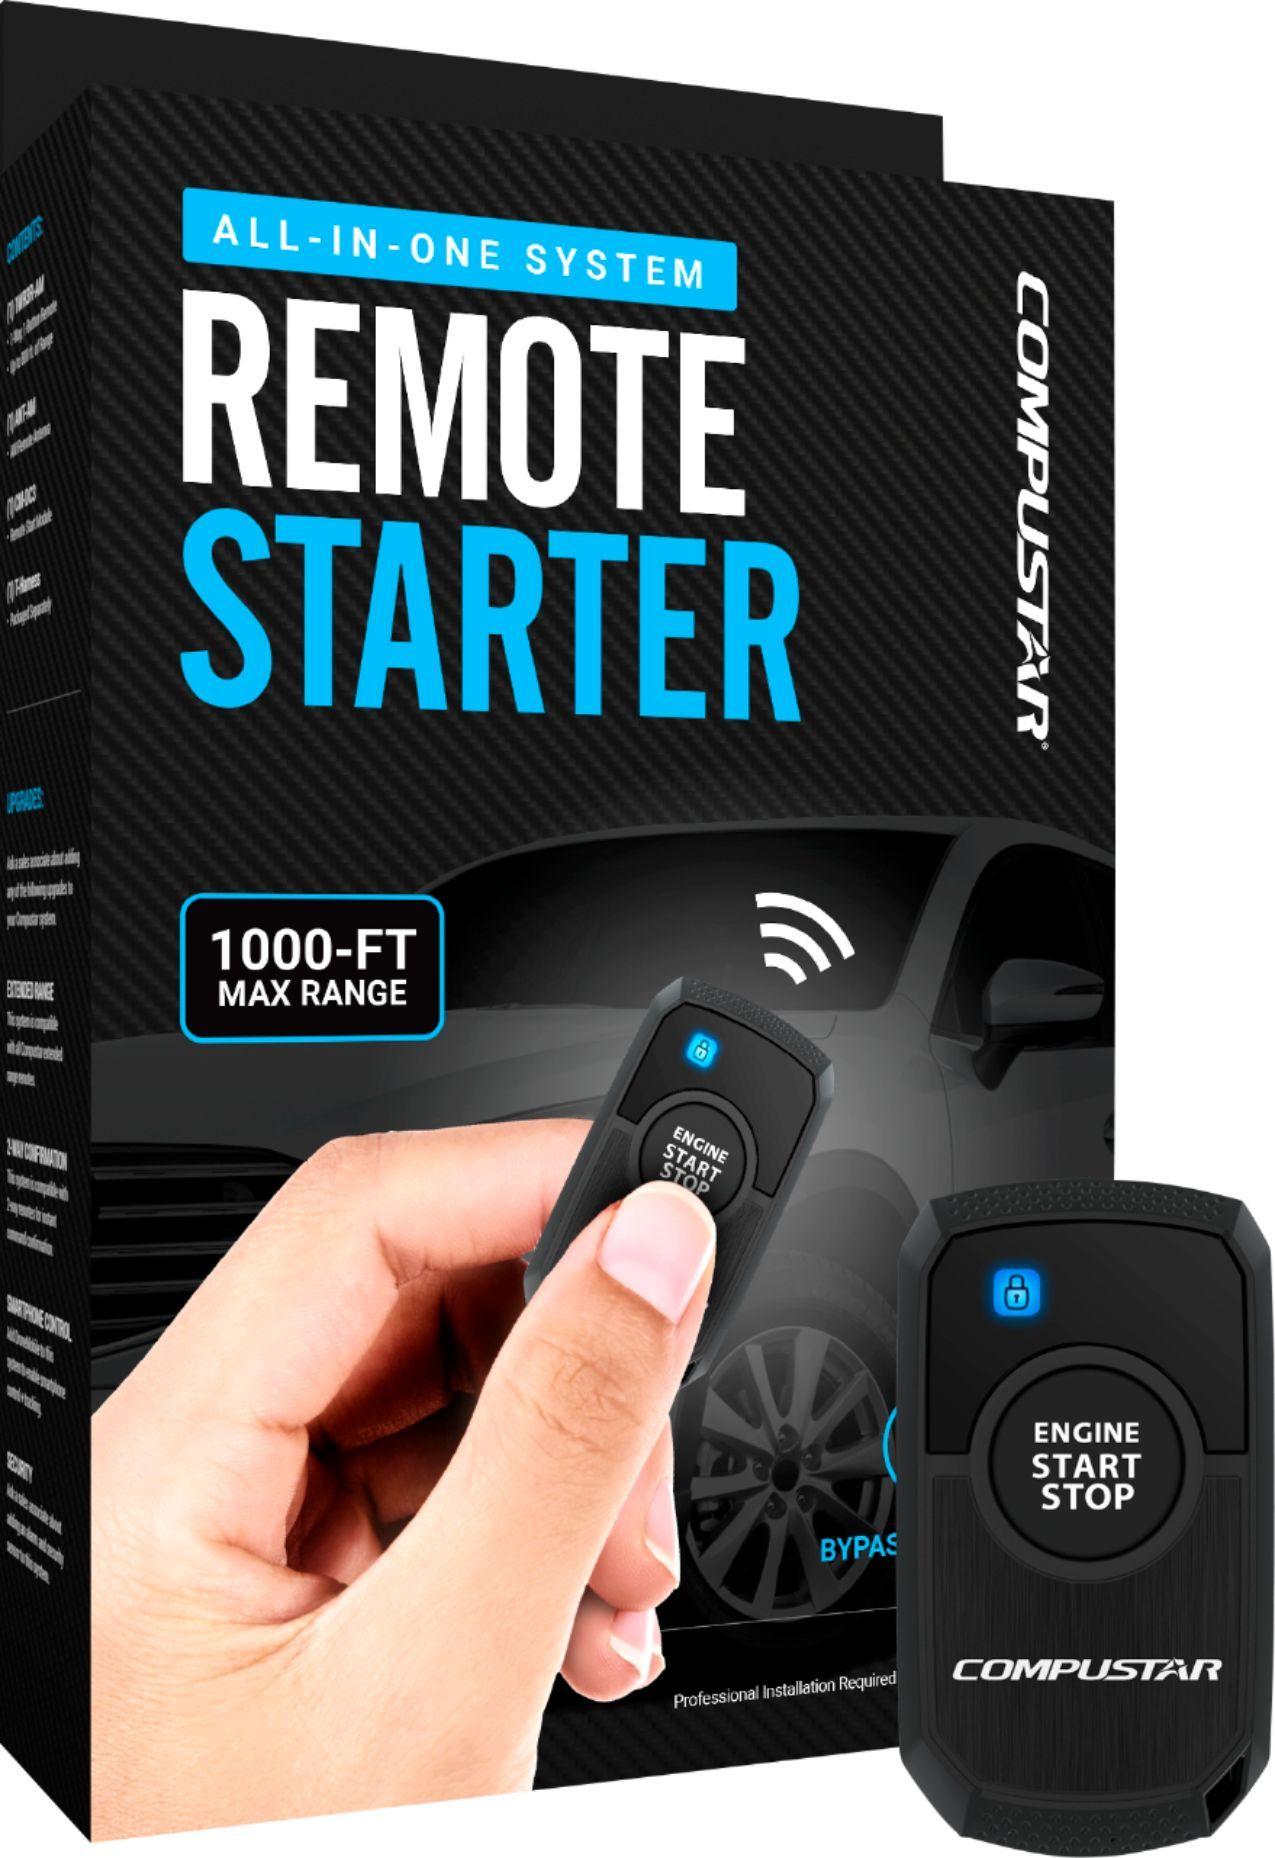 Compustar 1button remote starter tharness kit 2nd gen